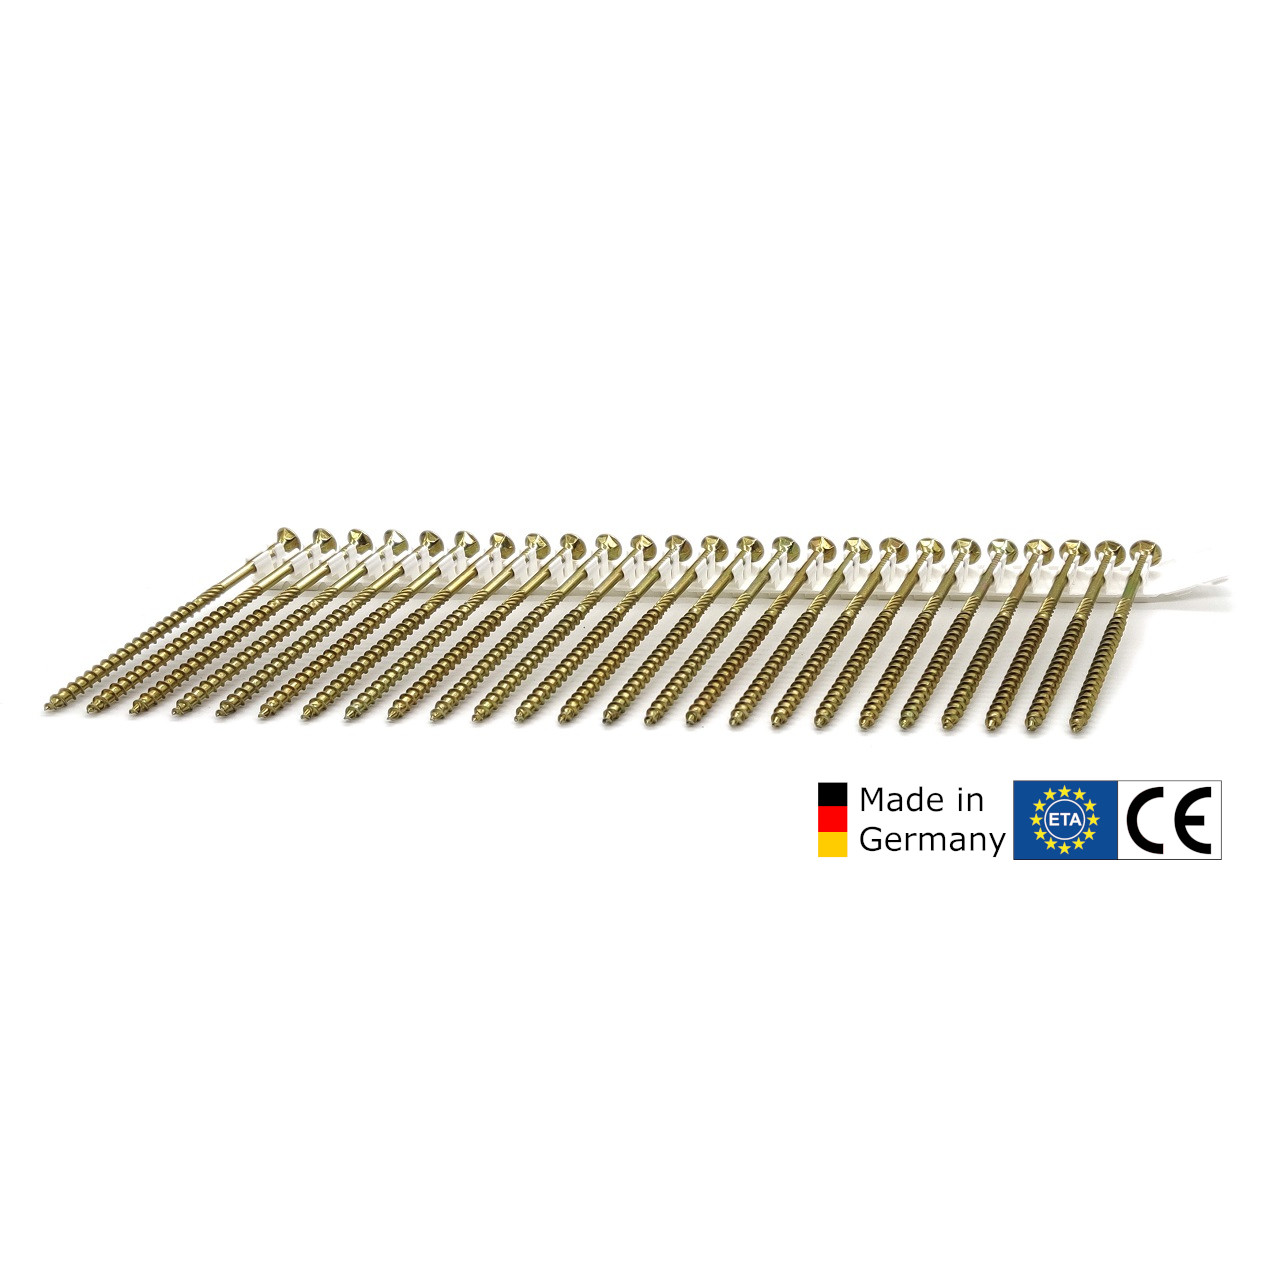 adunox-ONE-XL TIMTEC®- Universalholzbauschrauben | gelb verzinkt | 6,0x100